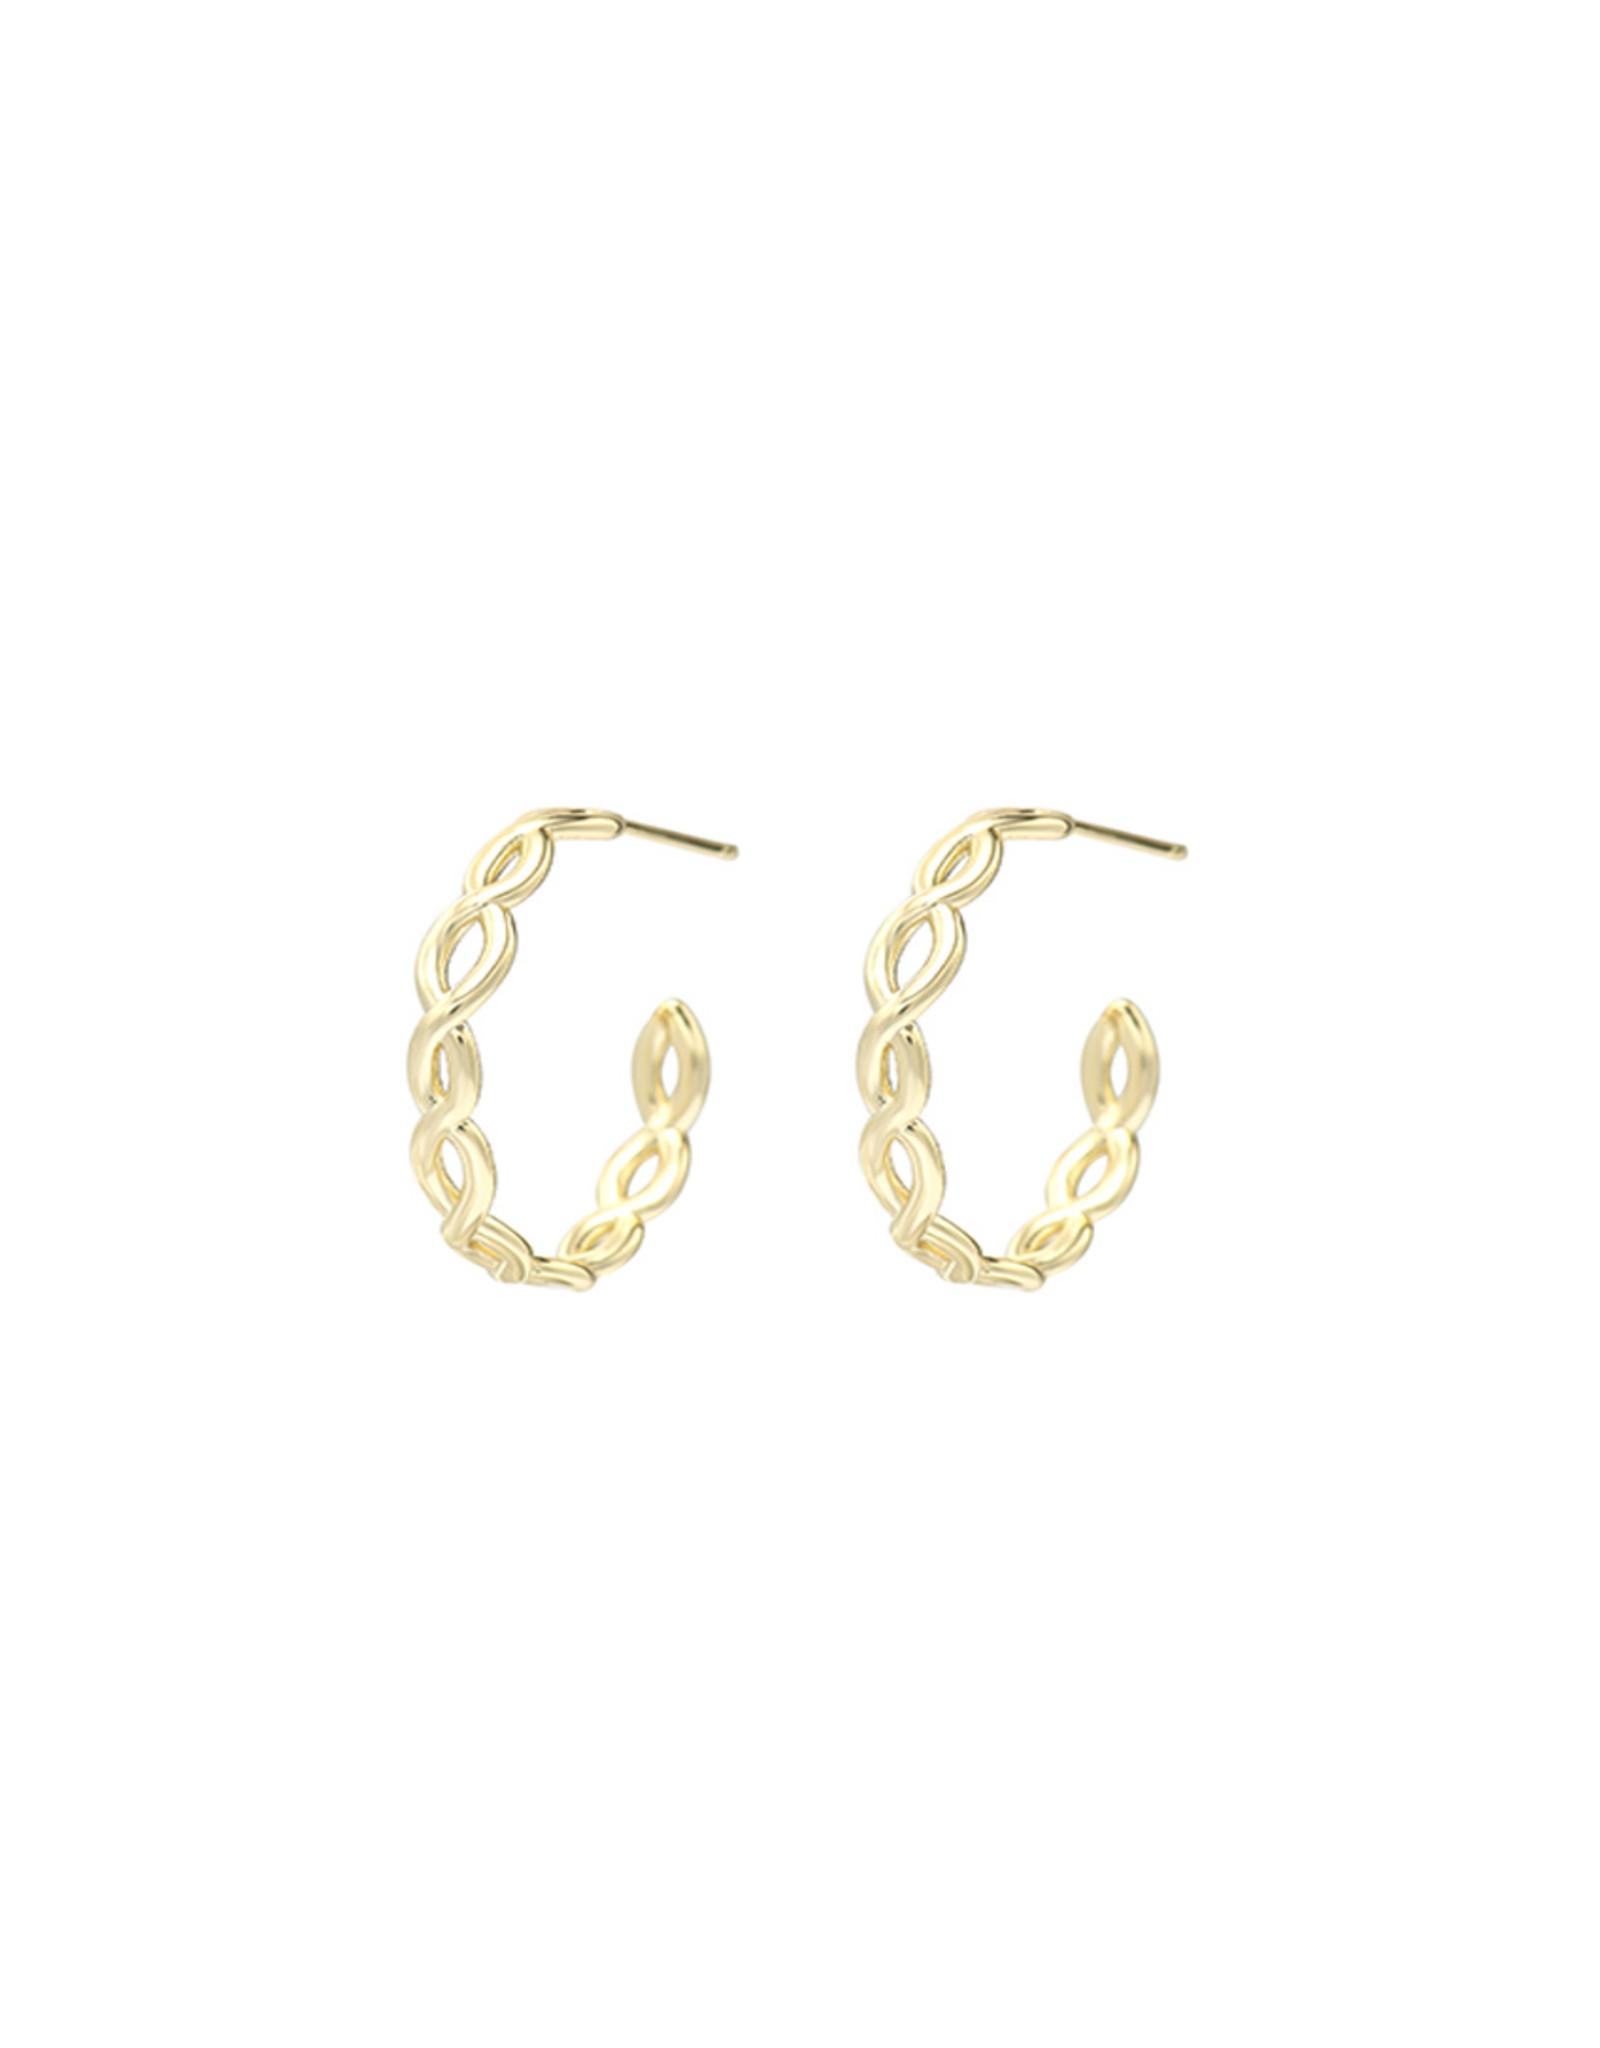 Natalie Wood Designs Bloom Mini Hoop Earrings - Gold